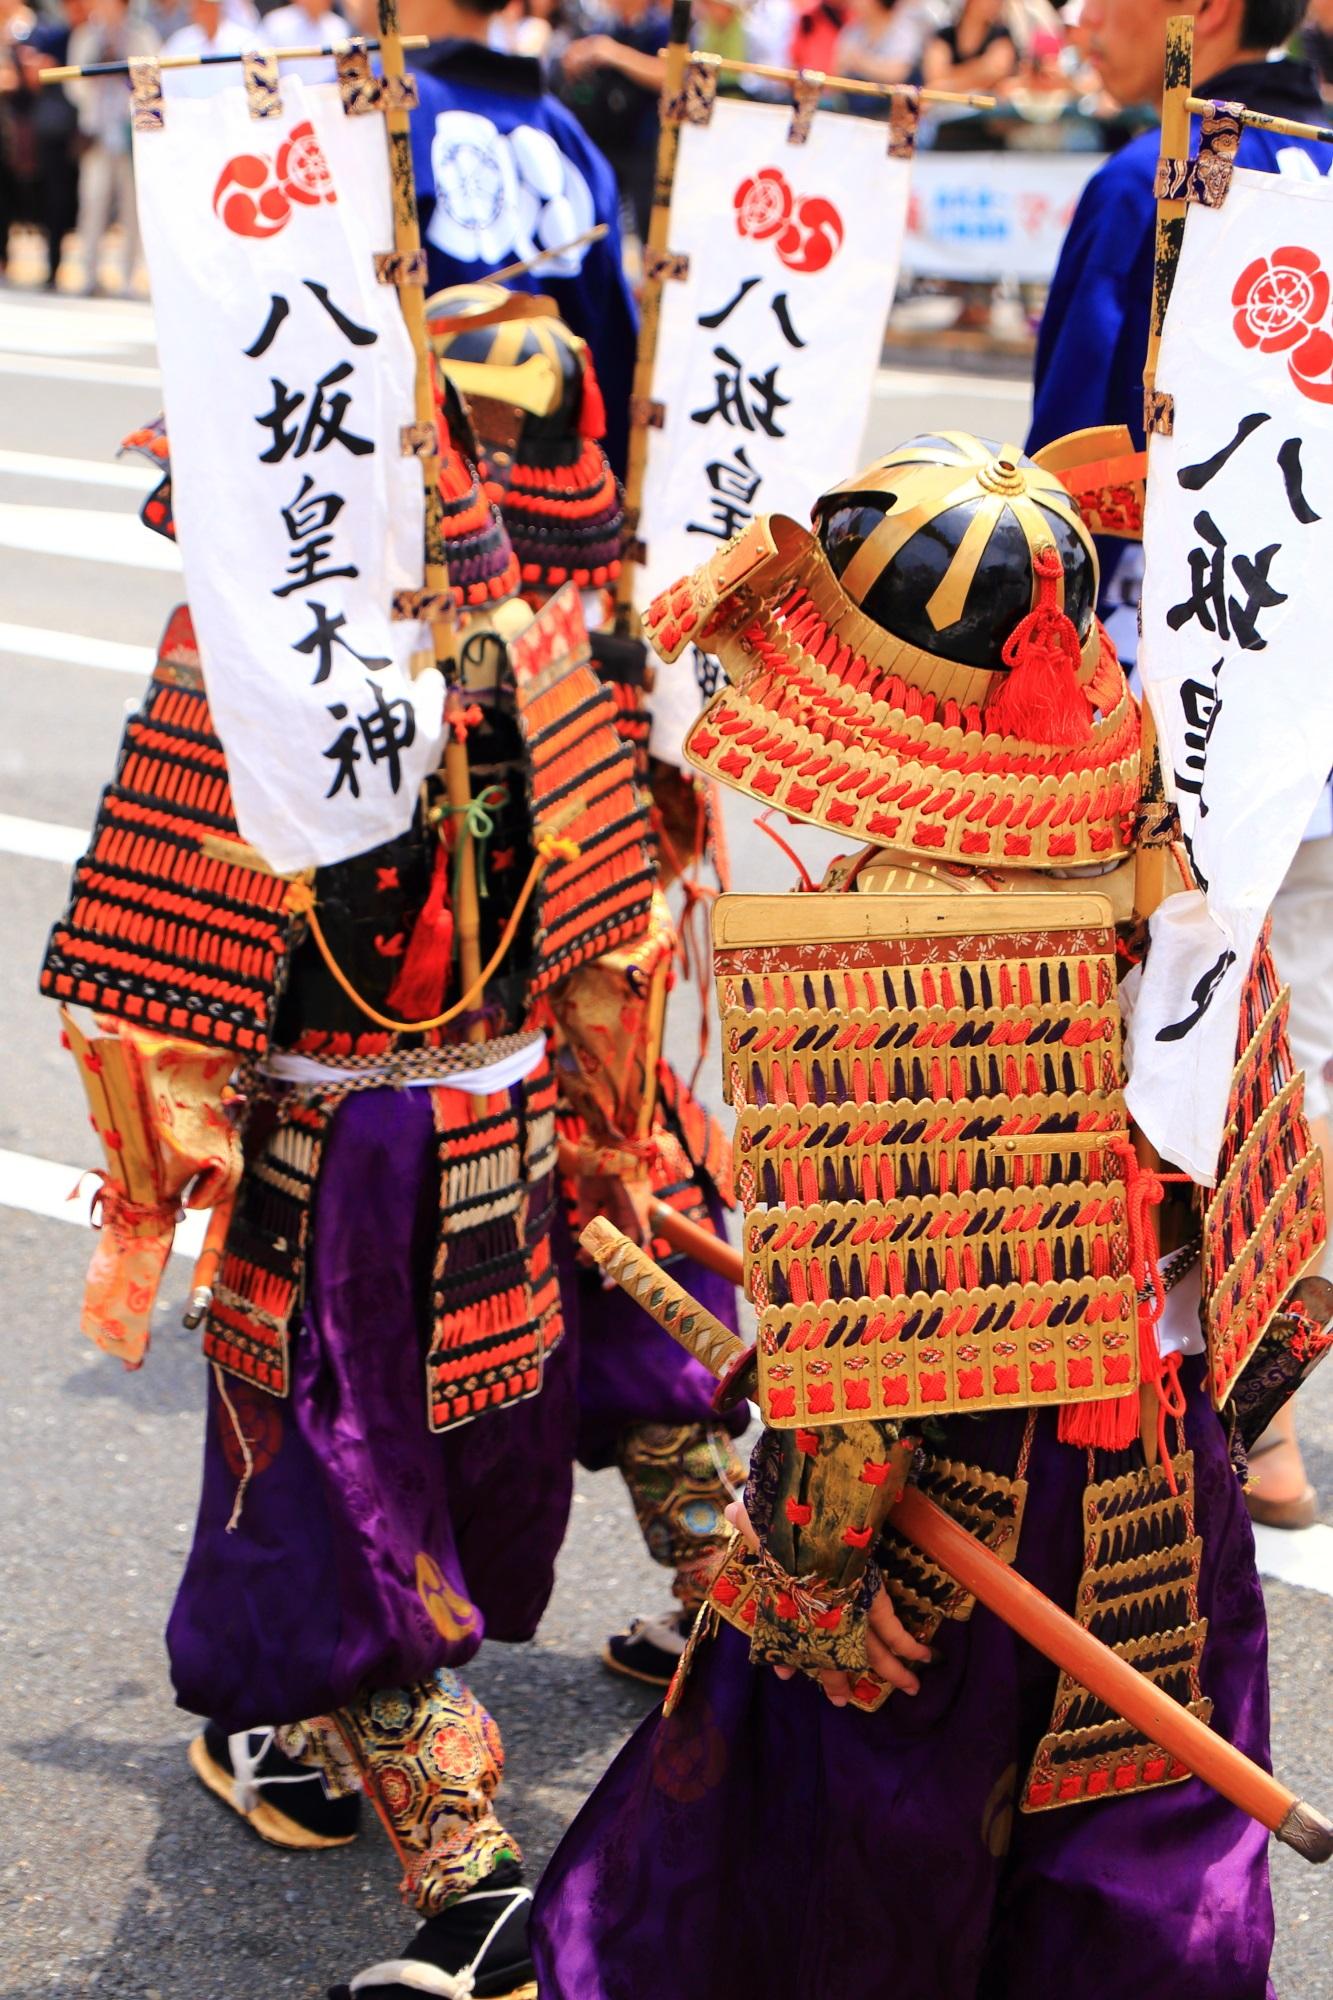 児武者 花傘巡行 祇園祭 日本三大祭